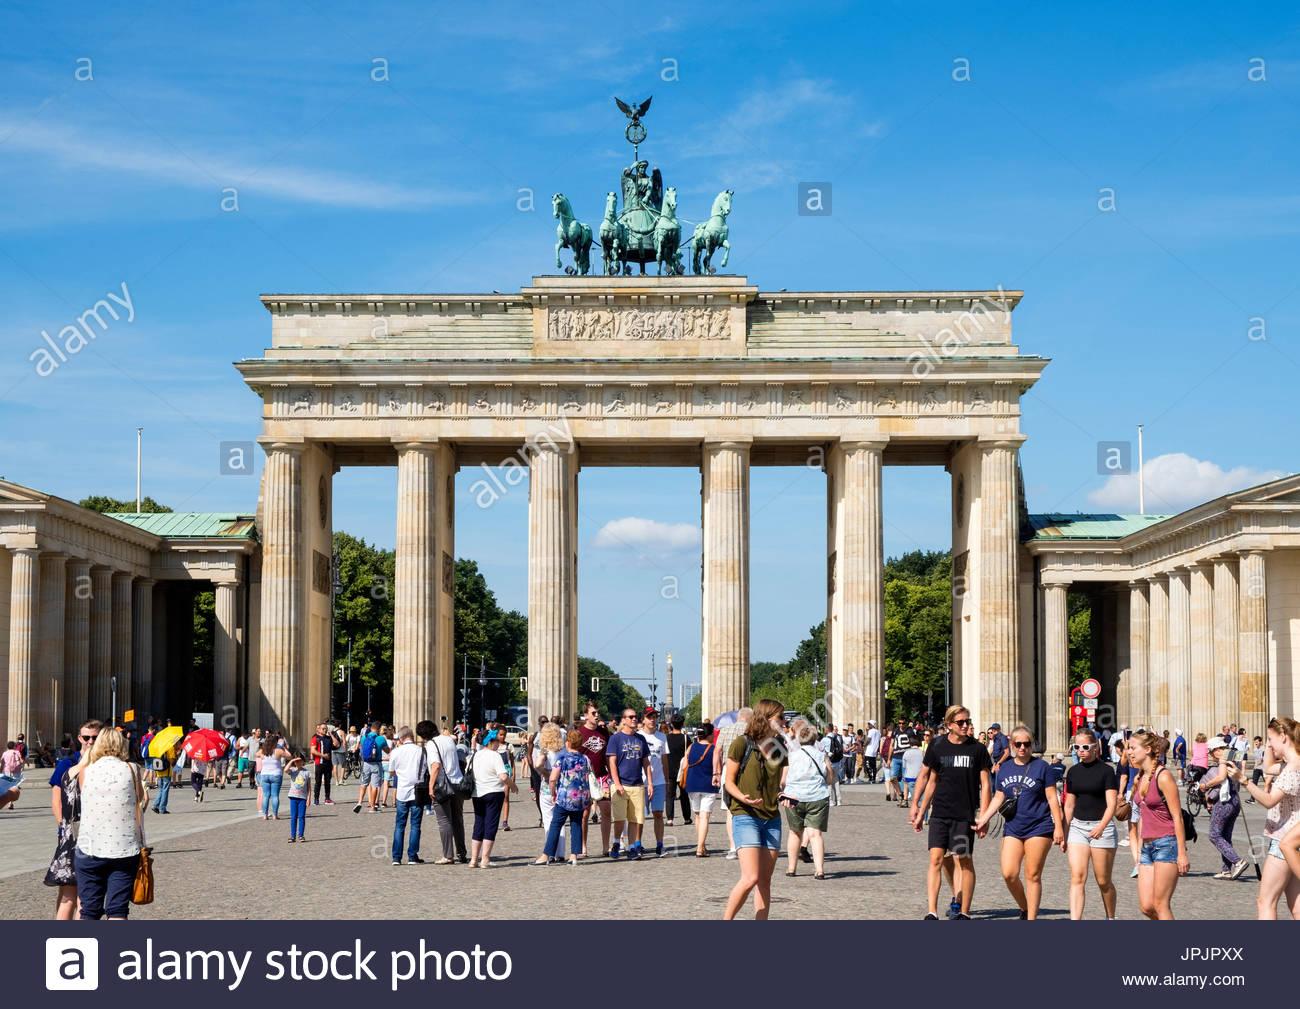 Viele Touristen stehen vor dem Brandenburger Tor in Mitte Berlins Deutschland Stockfoto